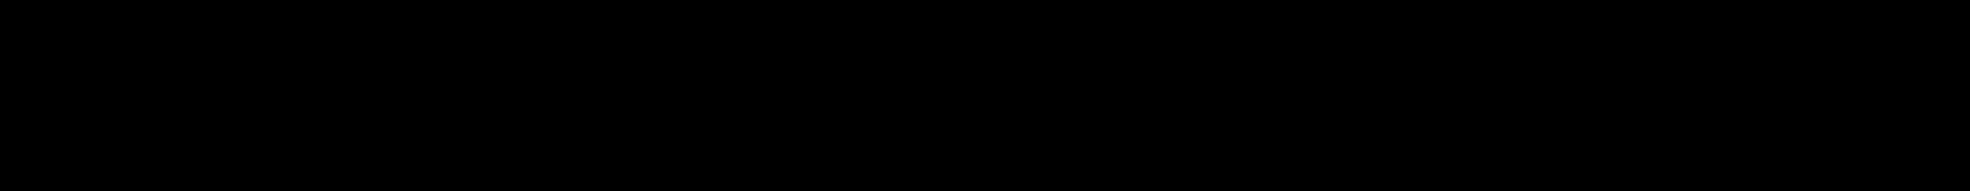 Design System E 300I